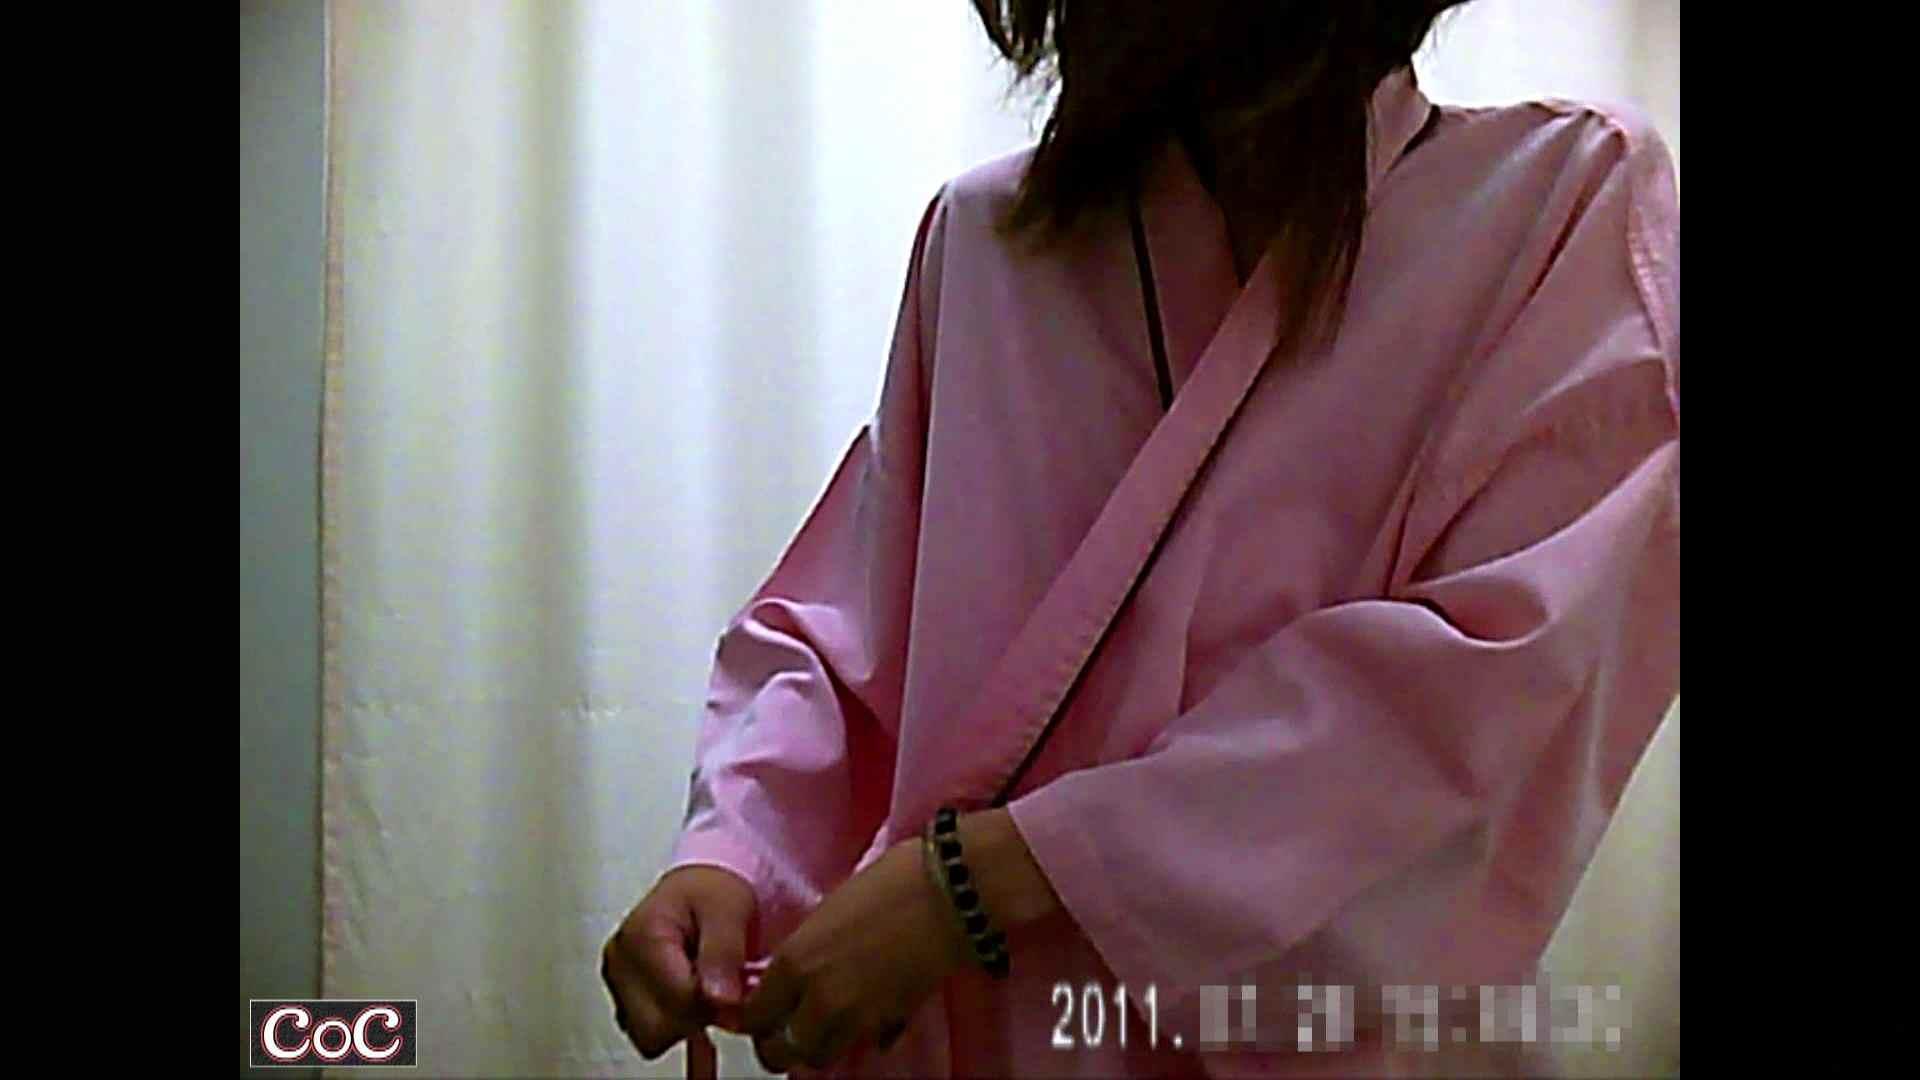 病院おもいっきり着替え! vol.07 盗撮大放出 オメコ無修正動画無料 43連発 3